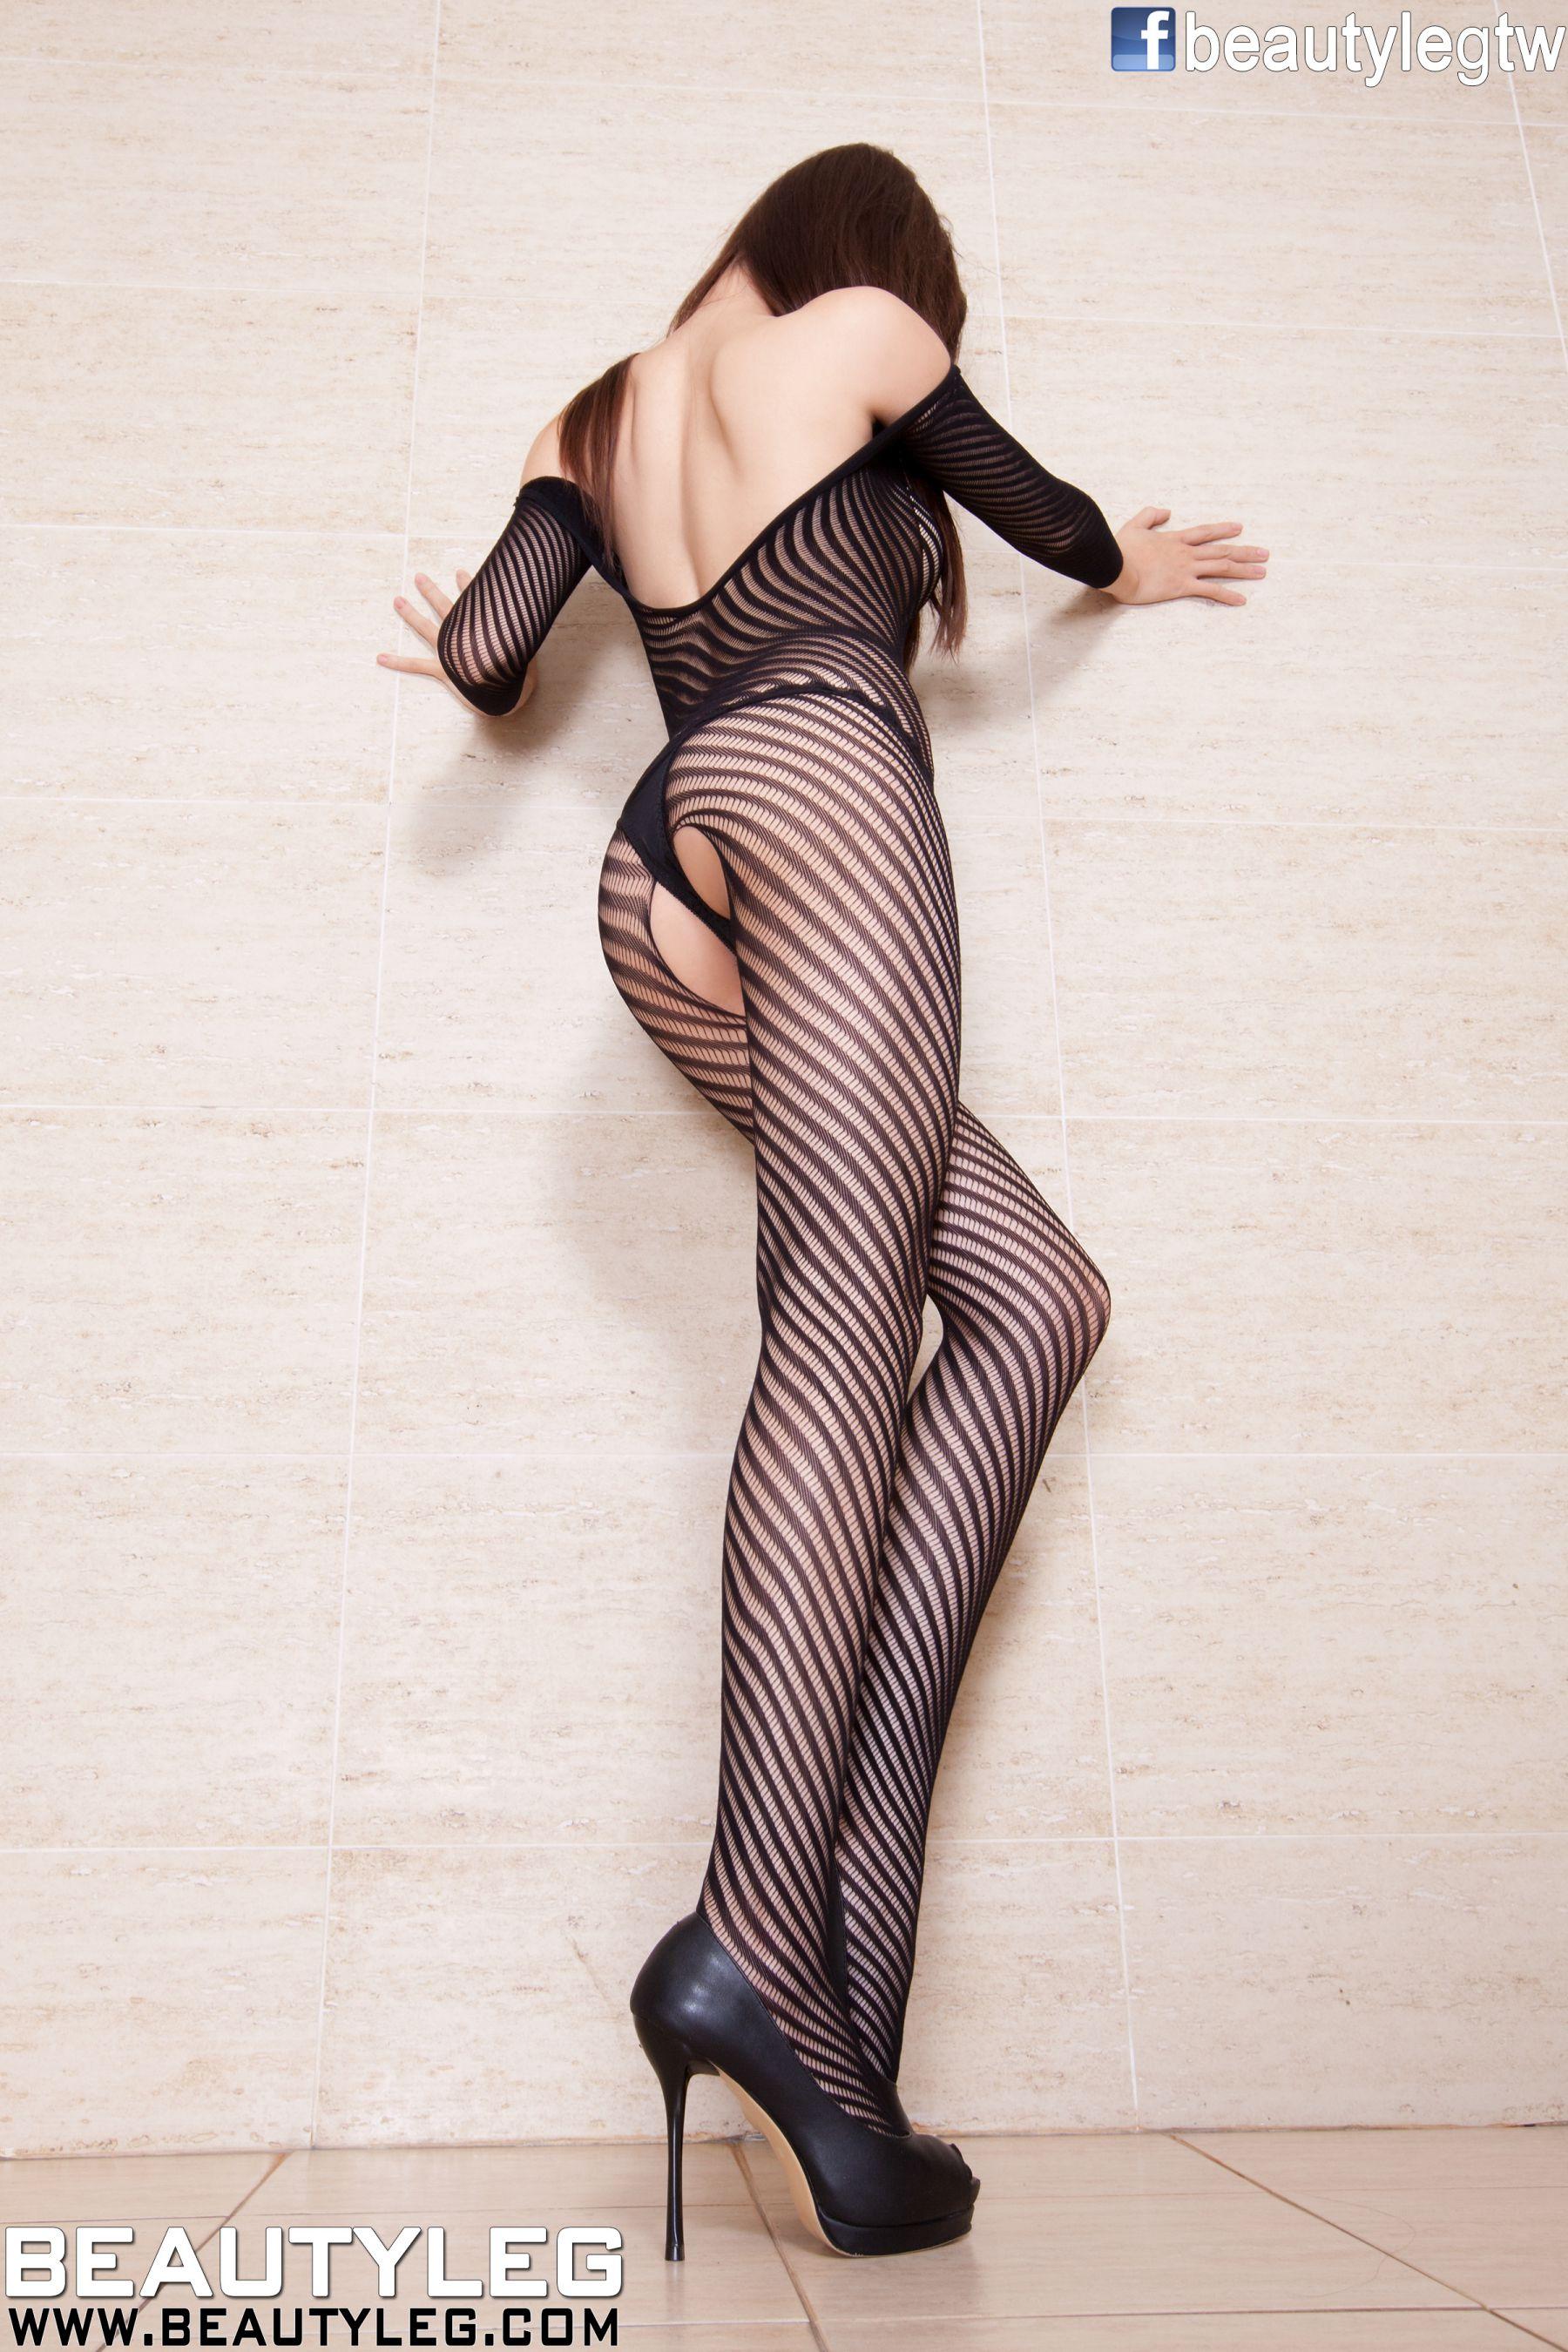 VOL.911 [Beautyleg]丁字裤丝袜美腿高跟情趣丝袜网衣:腿模Sabrina高品质写真套图(50P)